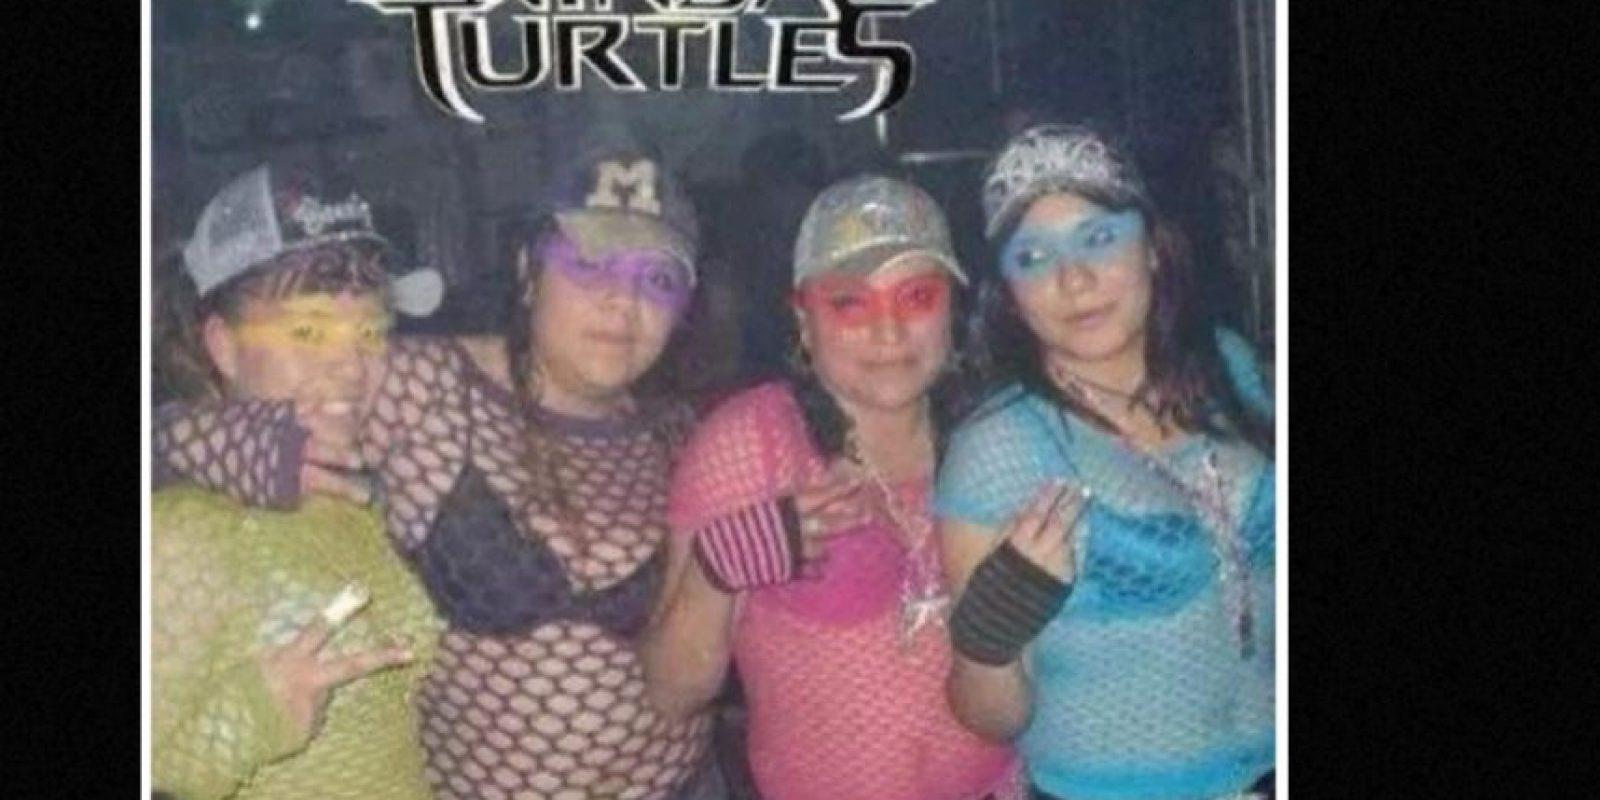 Las que se disfrazaron de las Tortugas Ninja. Foto:vía Tumblr